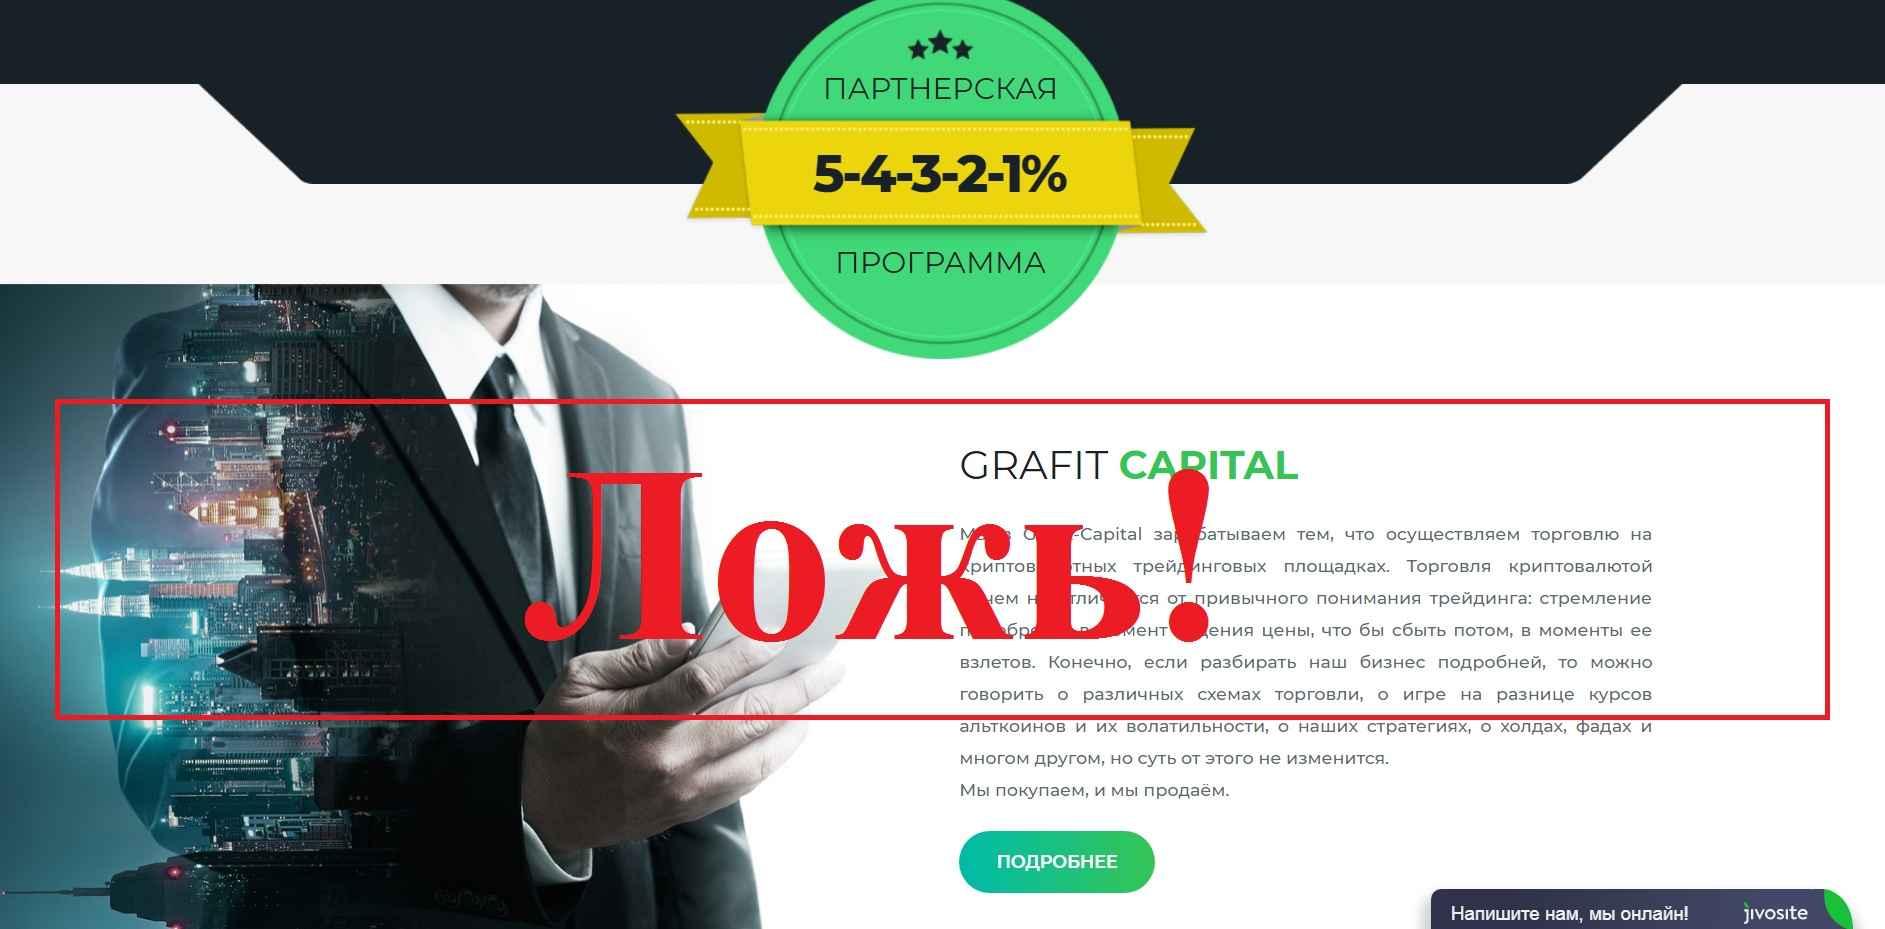 Grafit Capital – реальные отзывы и обзор grafit-capital.com